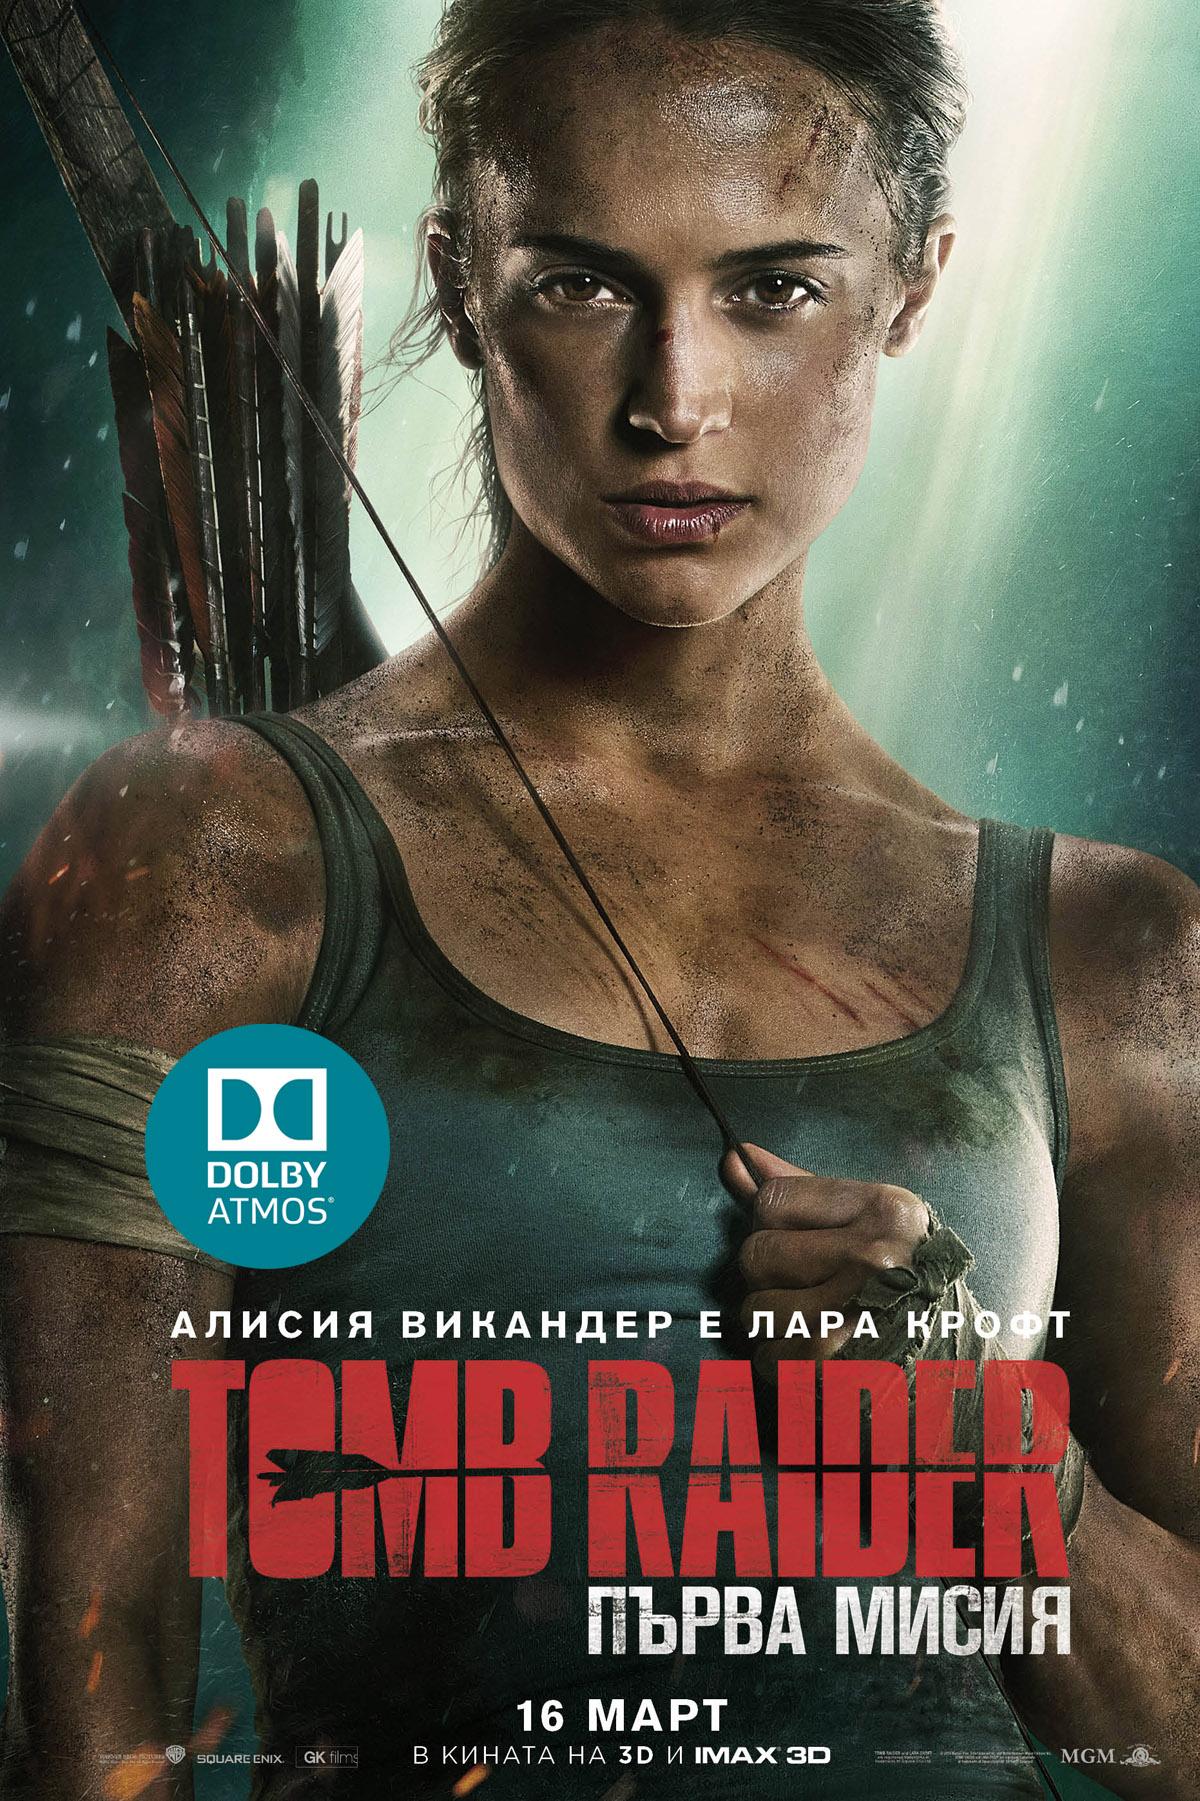 Tomb Raider: Първа мисия REALD 3D